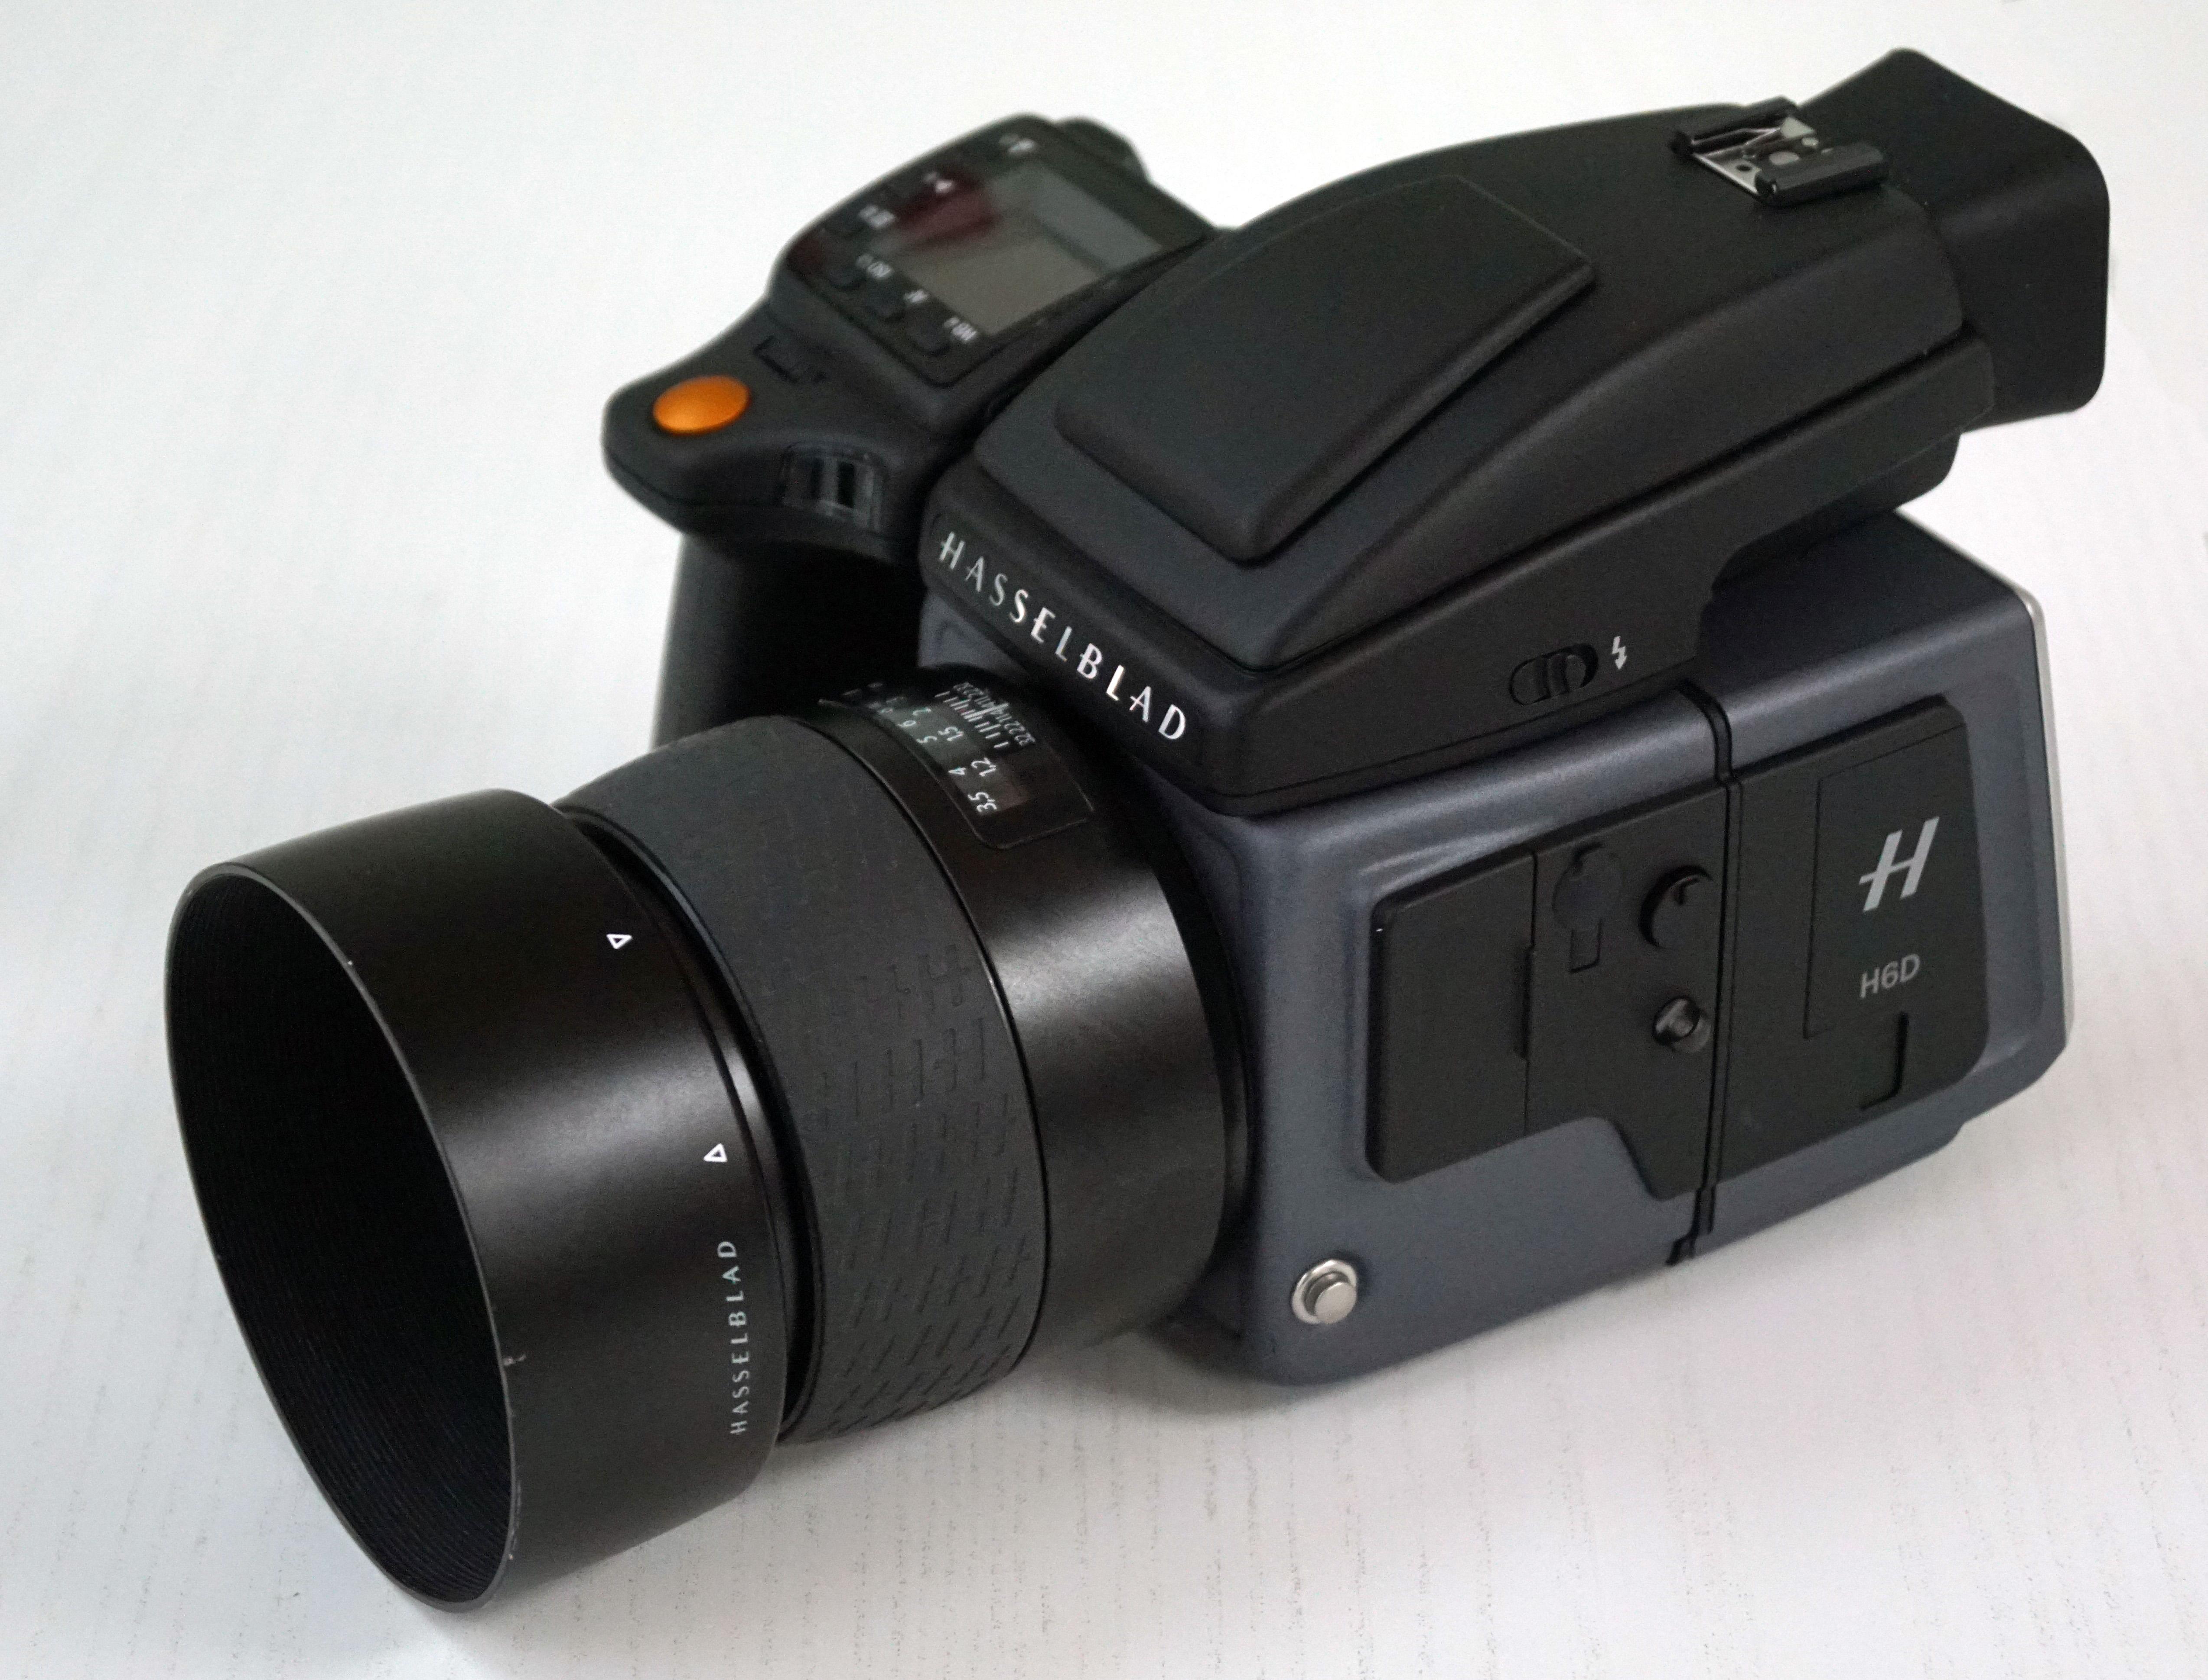 Hasselblad H6D 100c 50c Sample Photos